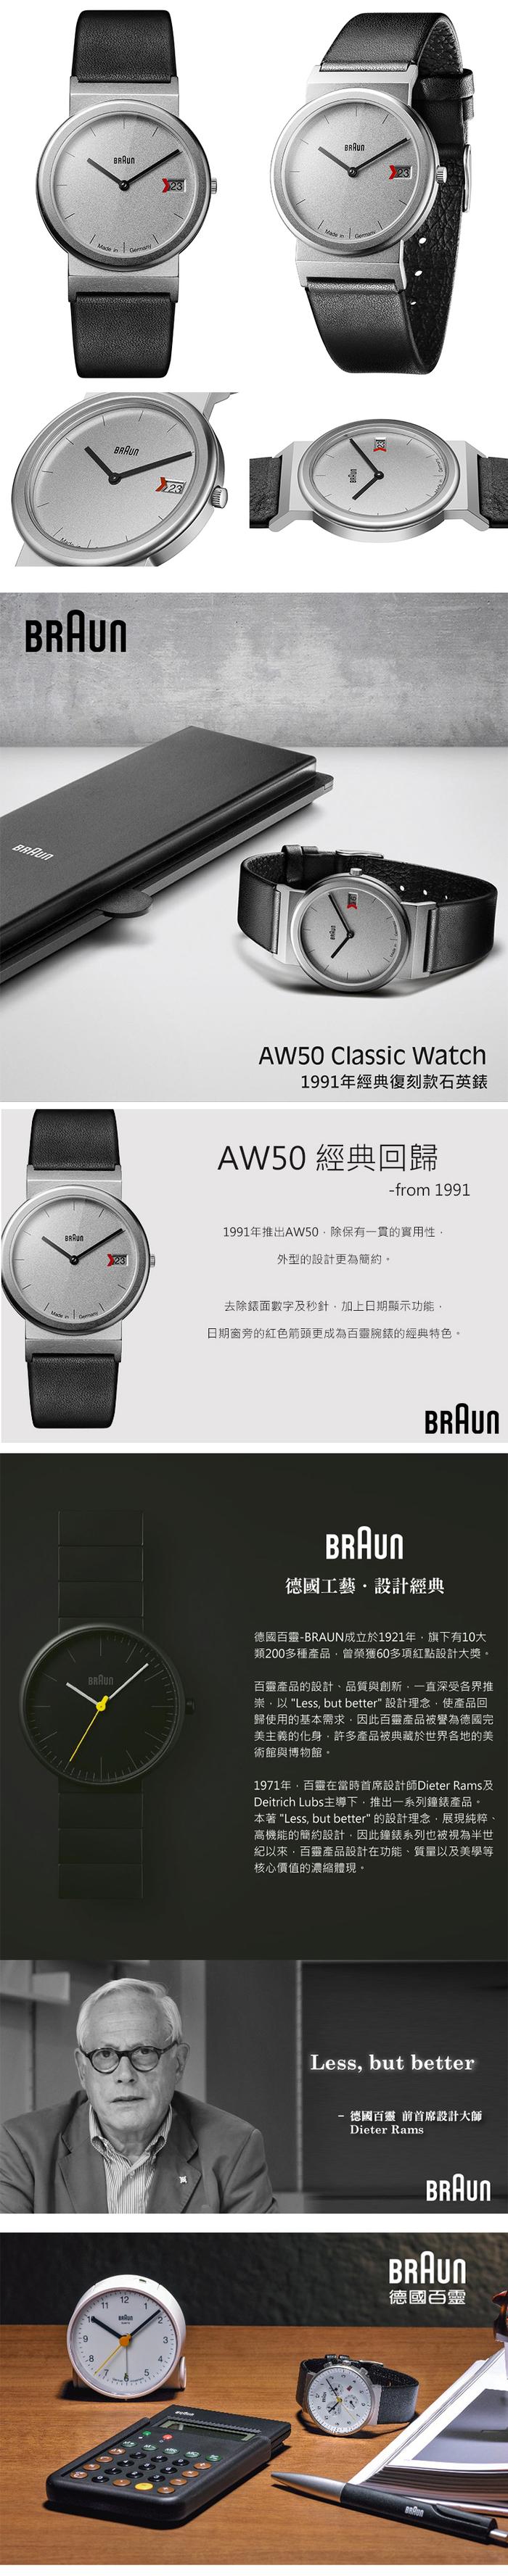 (複製)德國BRAUN百靈|1989年經典復刻款石英錶-AW10